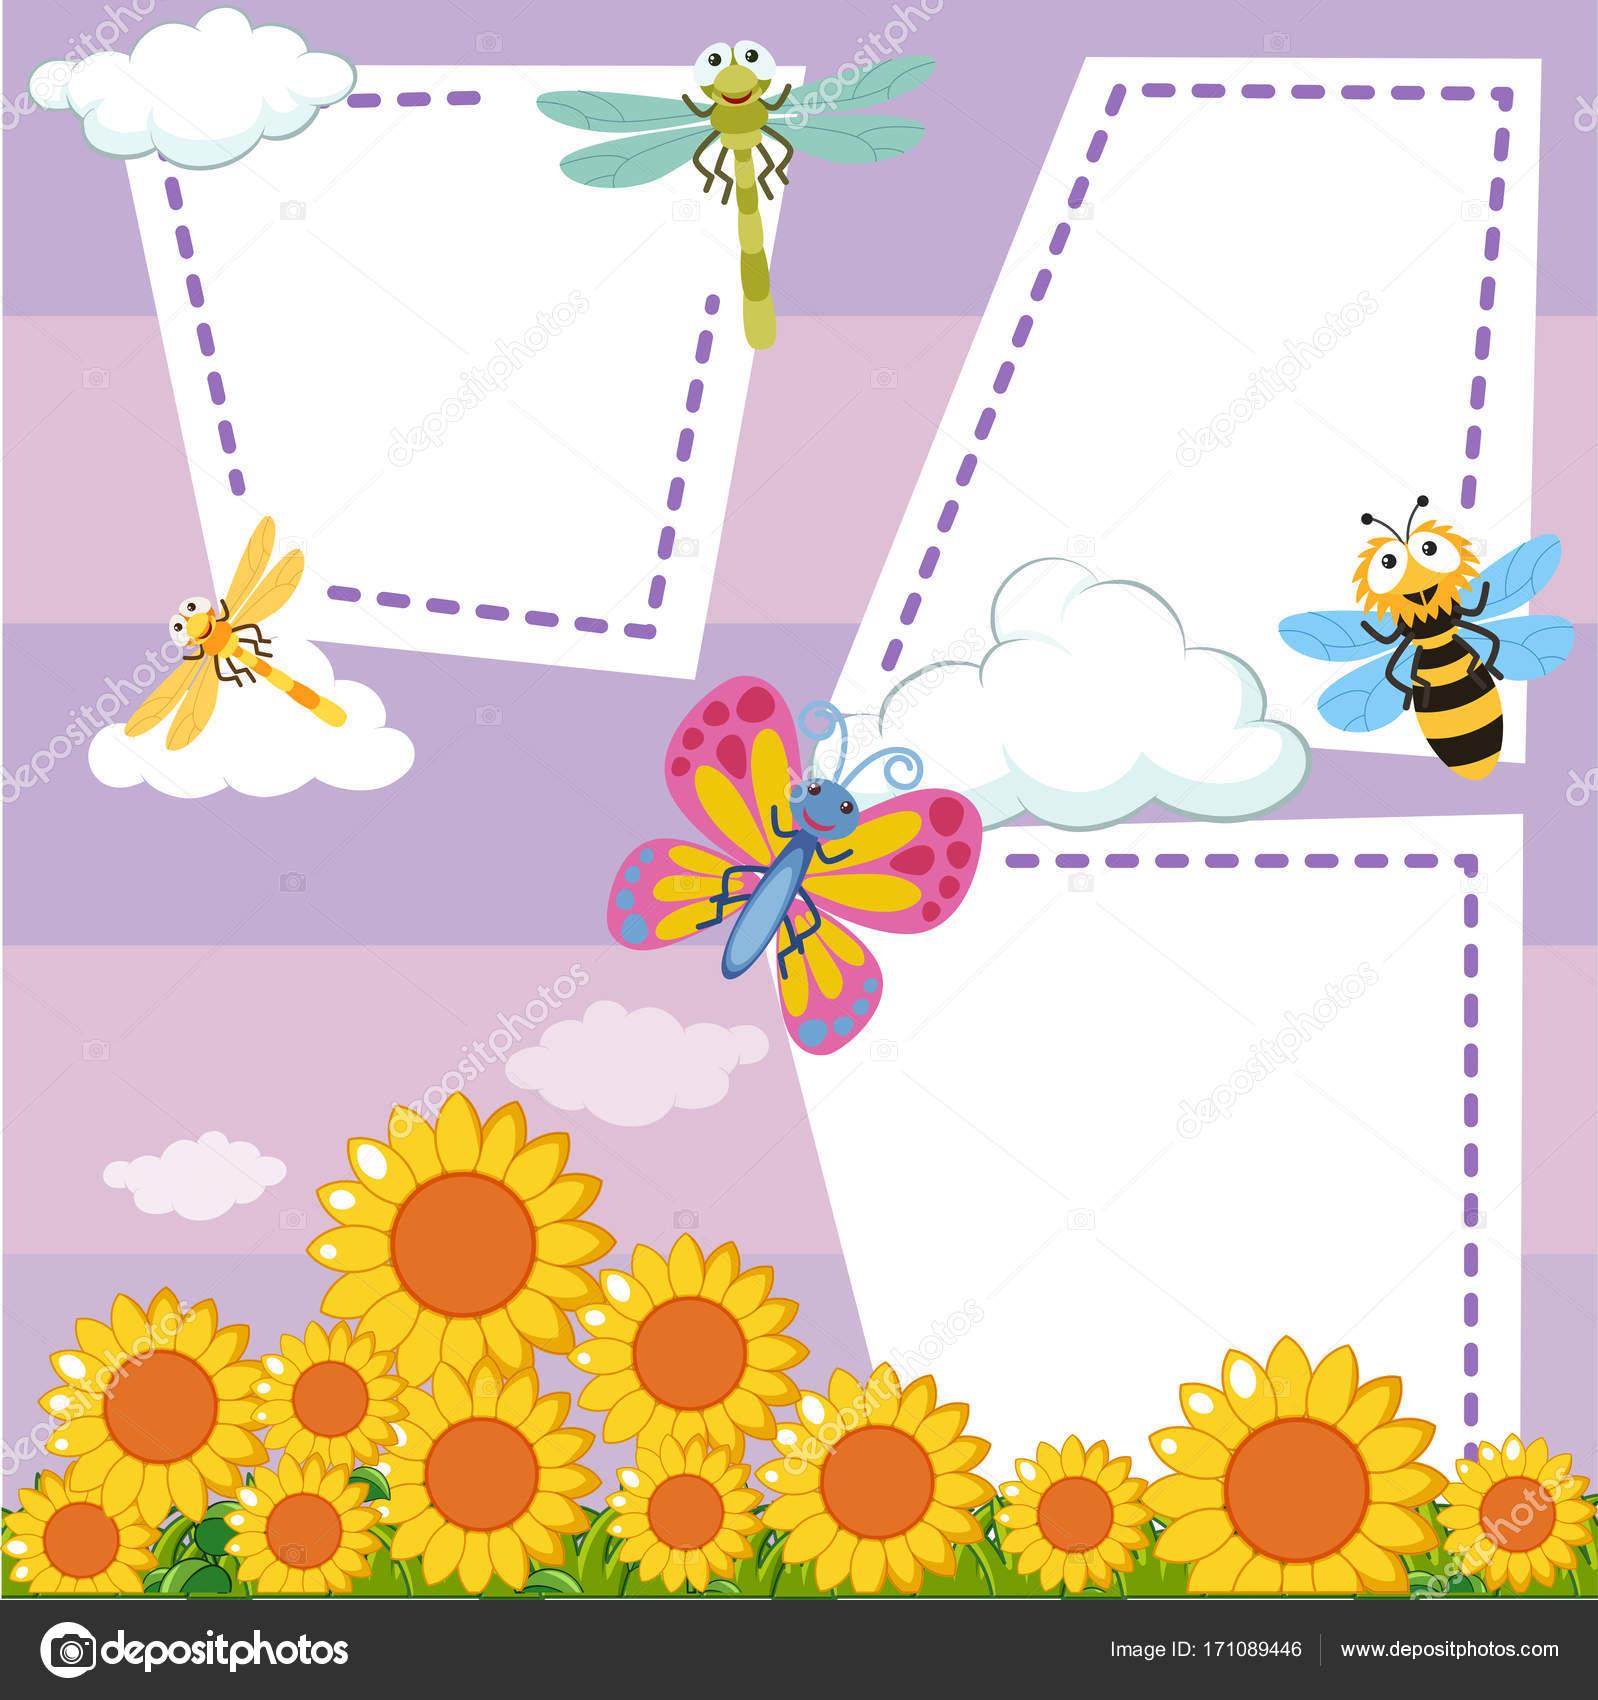 Grenze-Vorlage mit Bugs in Sonnenblumen Garten — Stockvektor ...